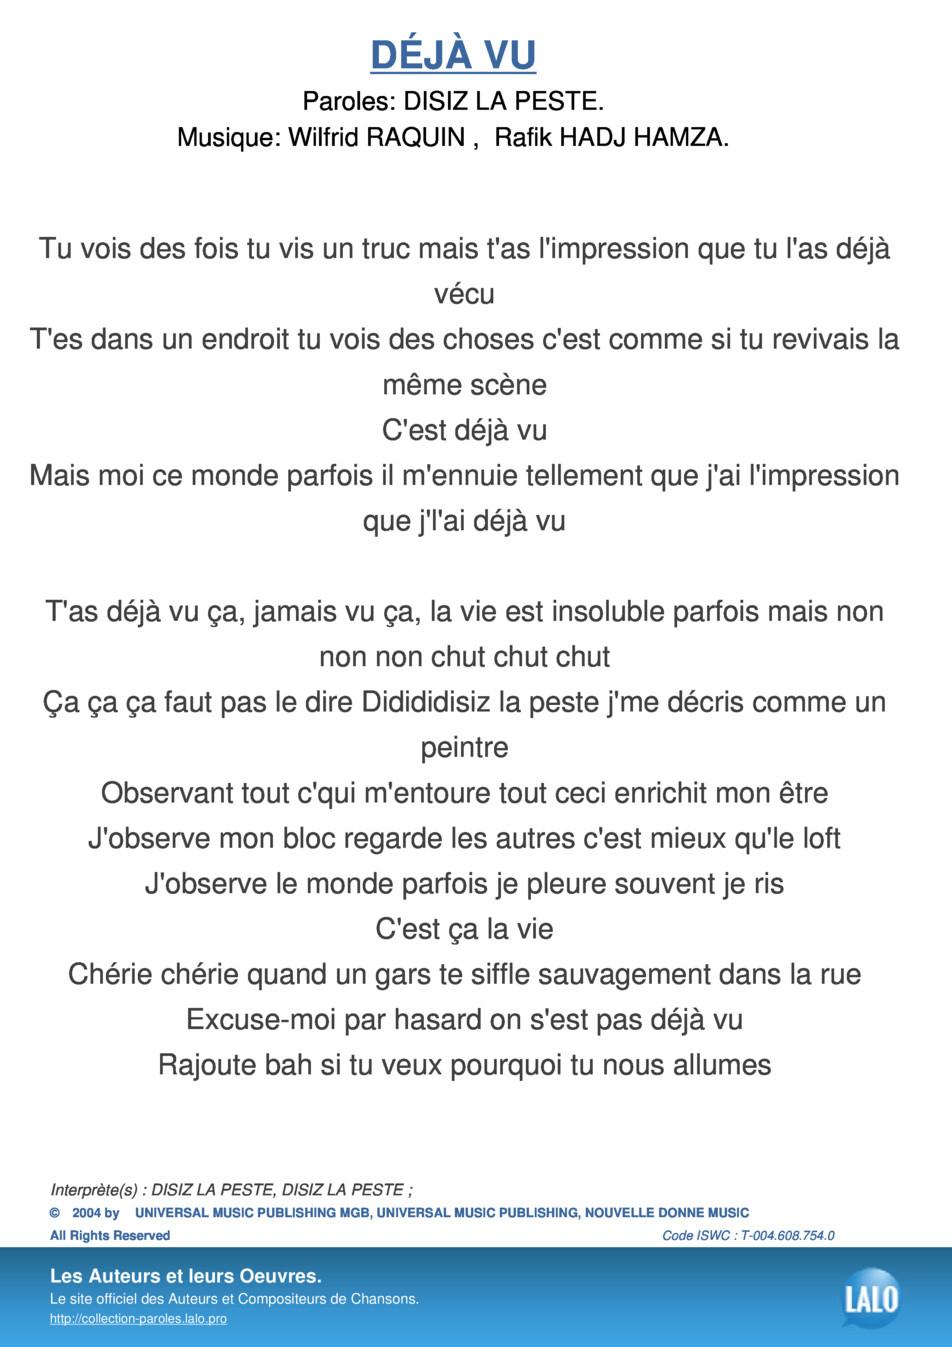 Kids United Liedmusik Für Android - Apk Herunterladen dedans L As Tu Vu Paroles